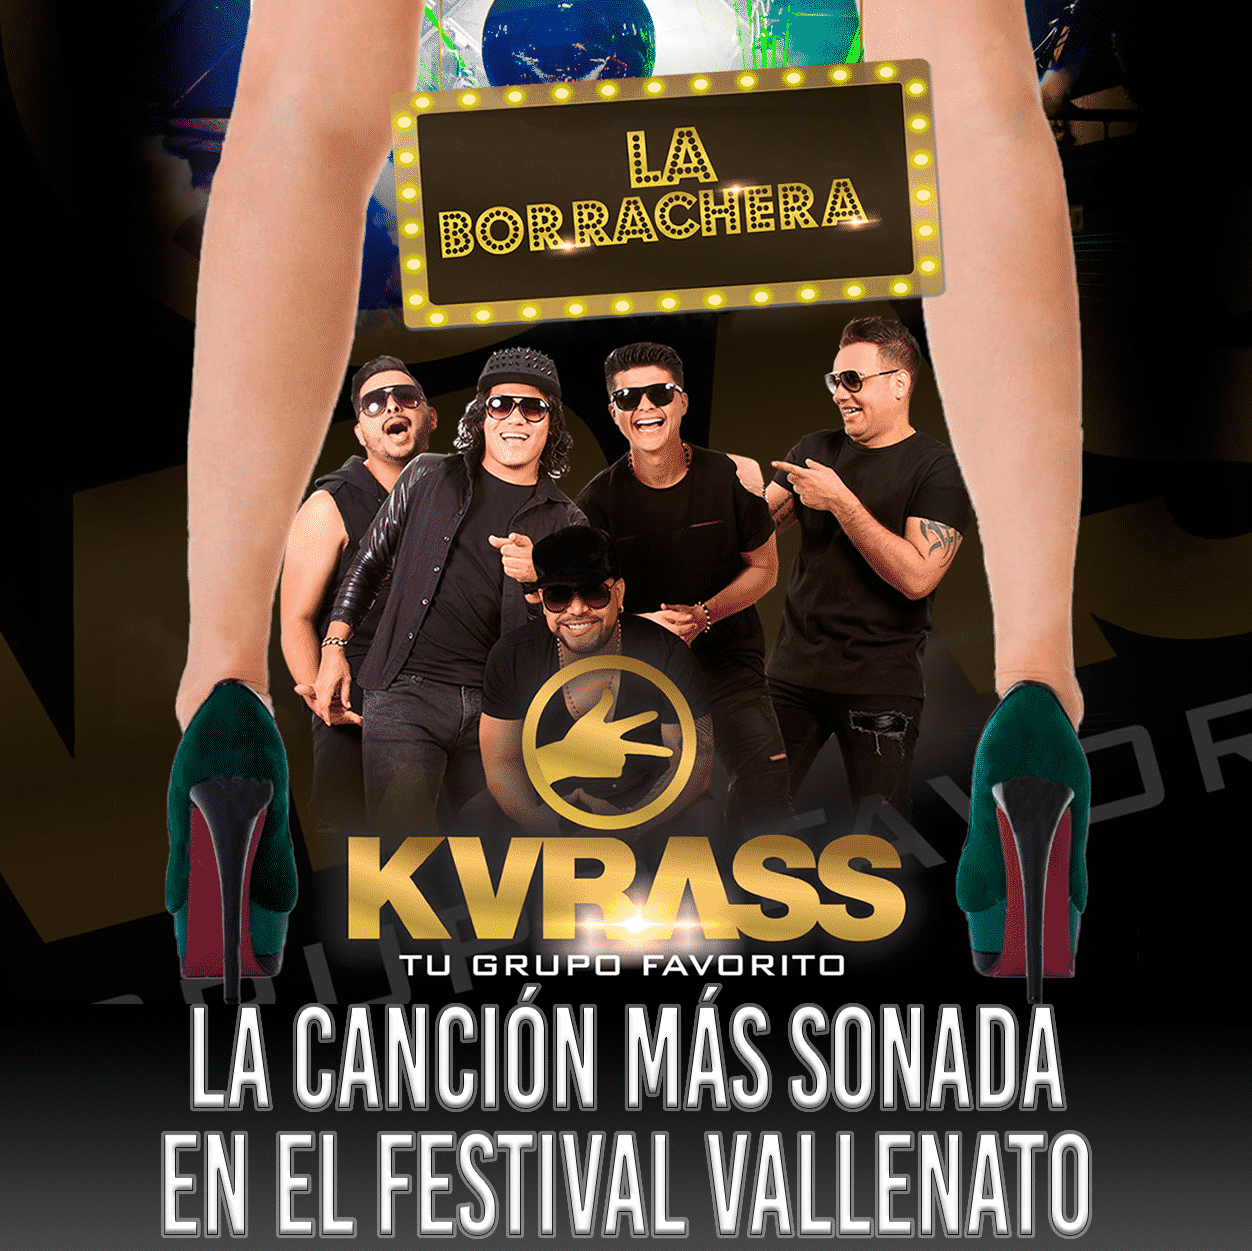 Grupo Kvrass La Borrachera, Canción Más Sonada En El Festival Vallenato